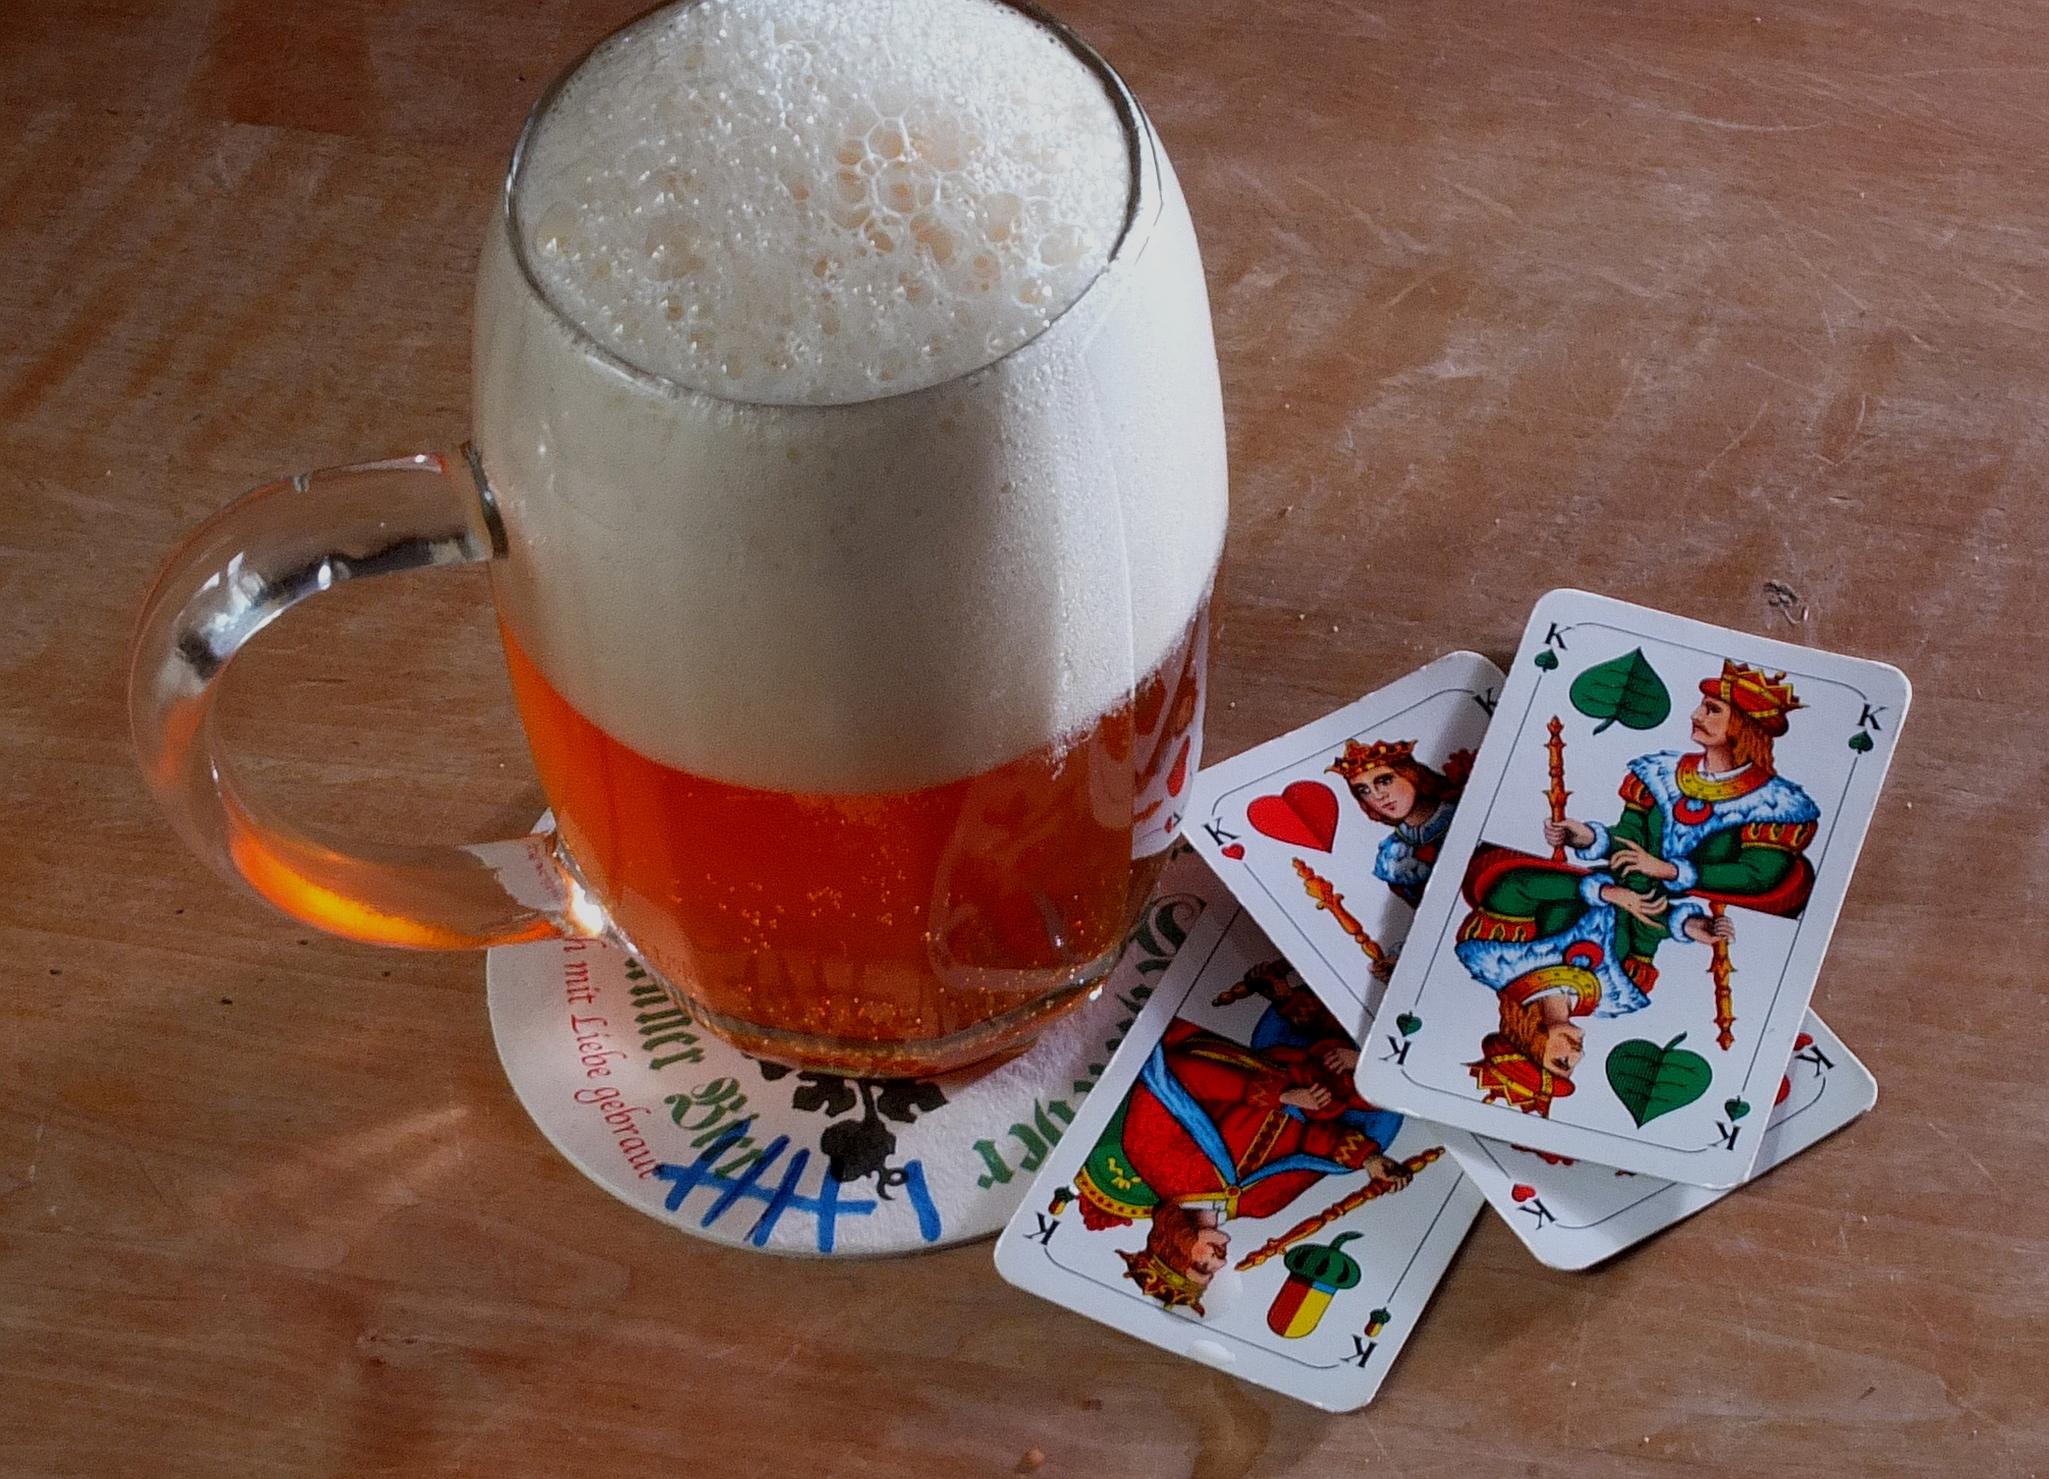 Bierkrug und Kartenspiel